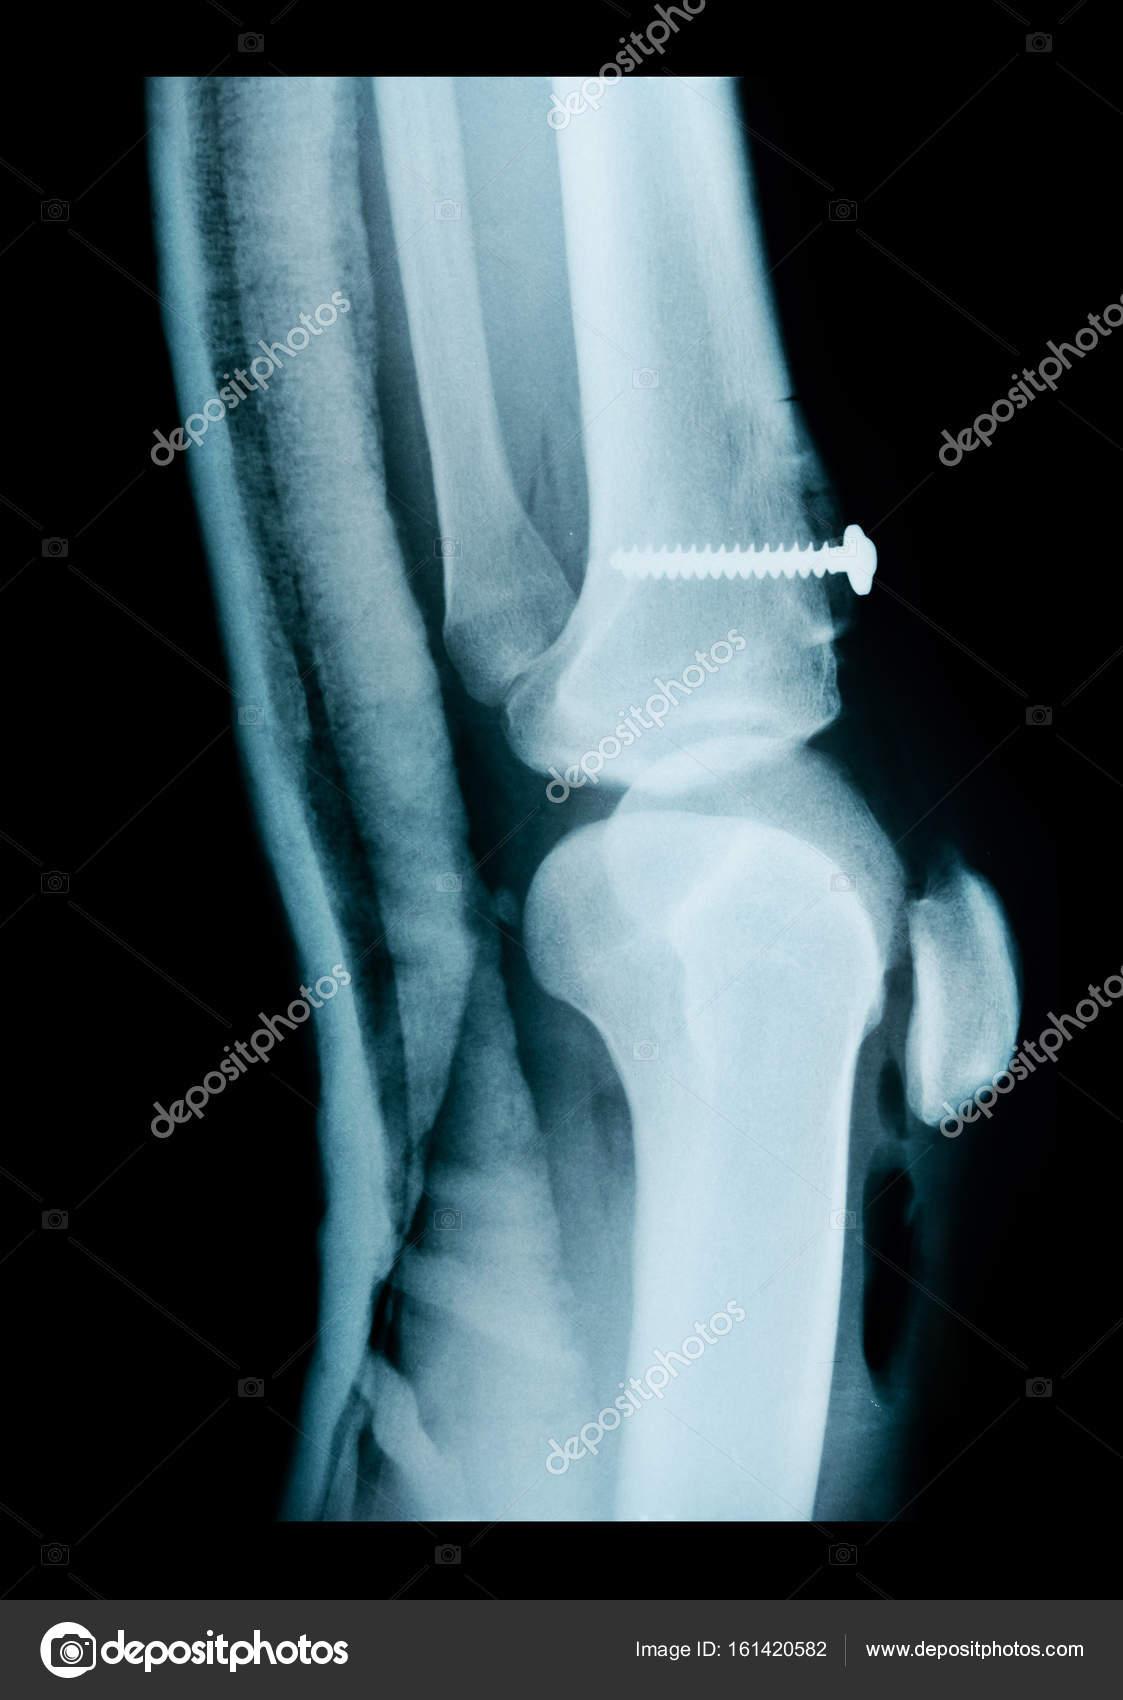 Строение суставов в рентгеновском изображении руки схема разработки коленного сустава